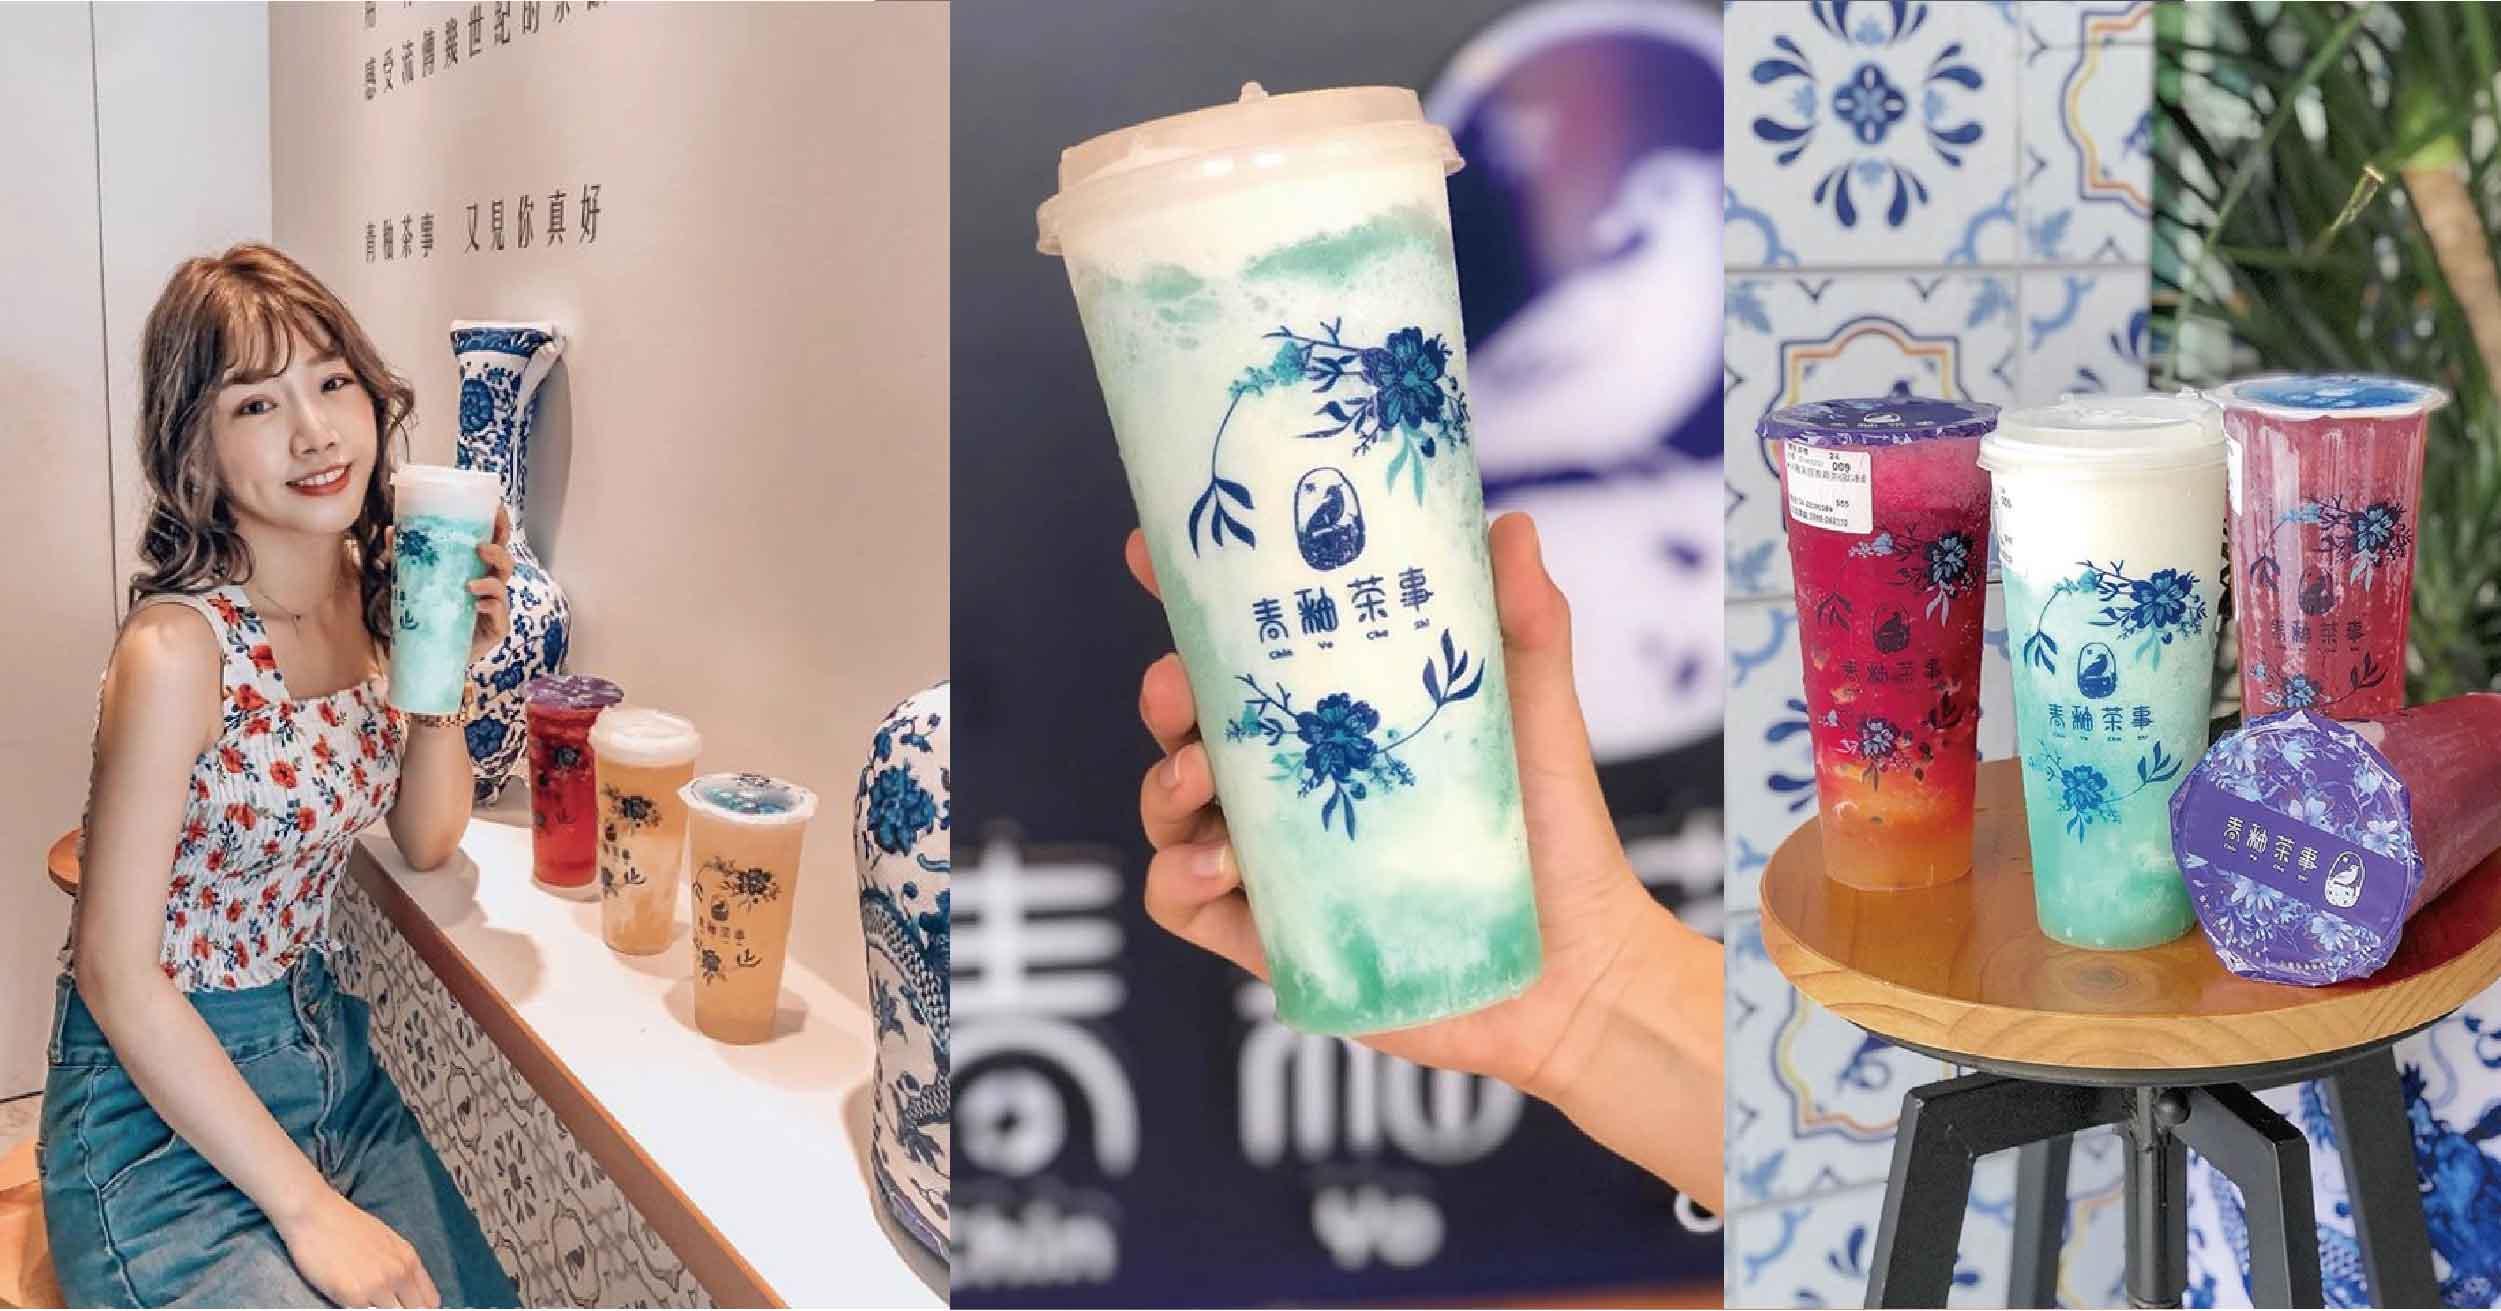 台中最美手搖飲!攻佔IG版面的《青釉茶事》,青花瓷系飲品隨便拍都超級美